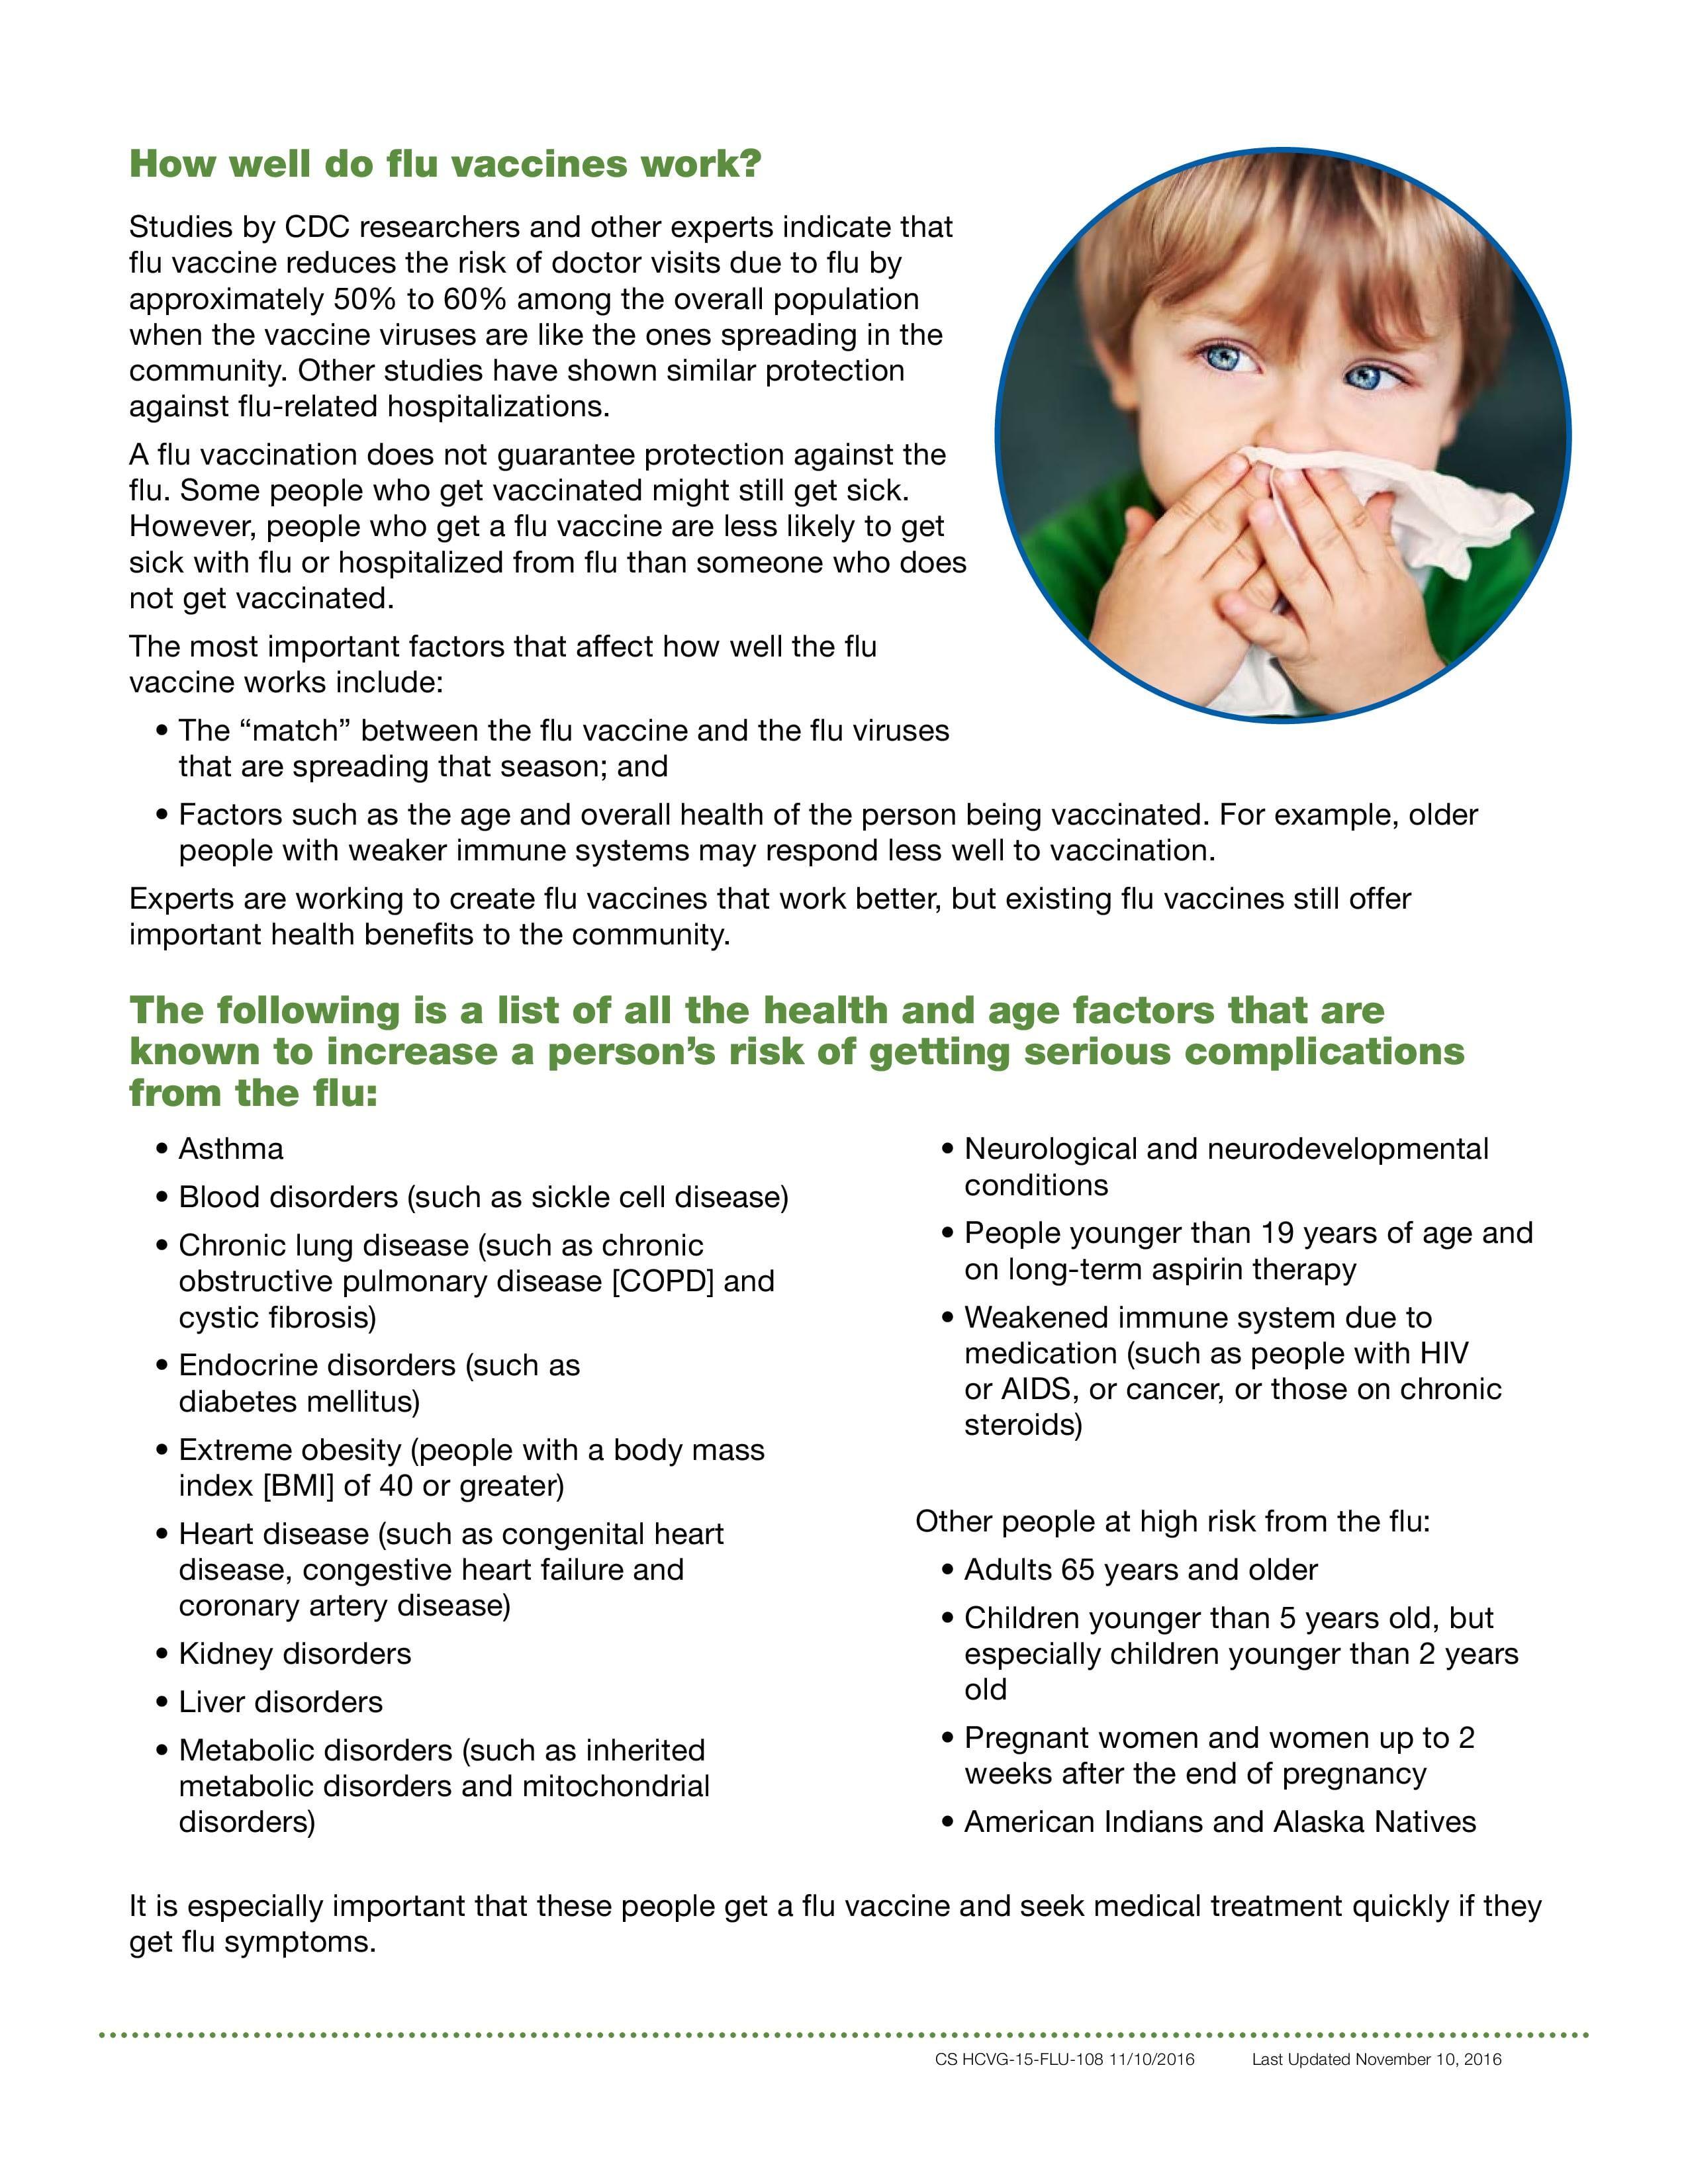 Nurse Ria's Notes – Fight the Flu: Why Get a Flu Vaccine